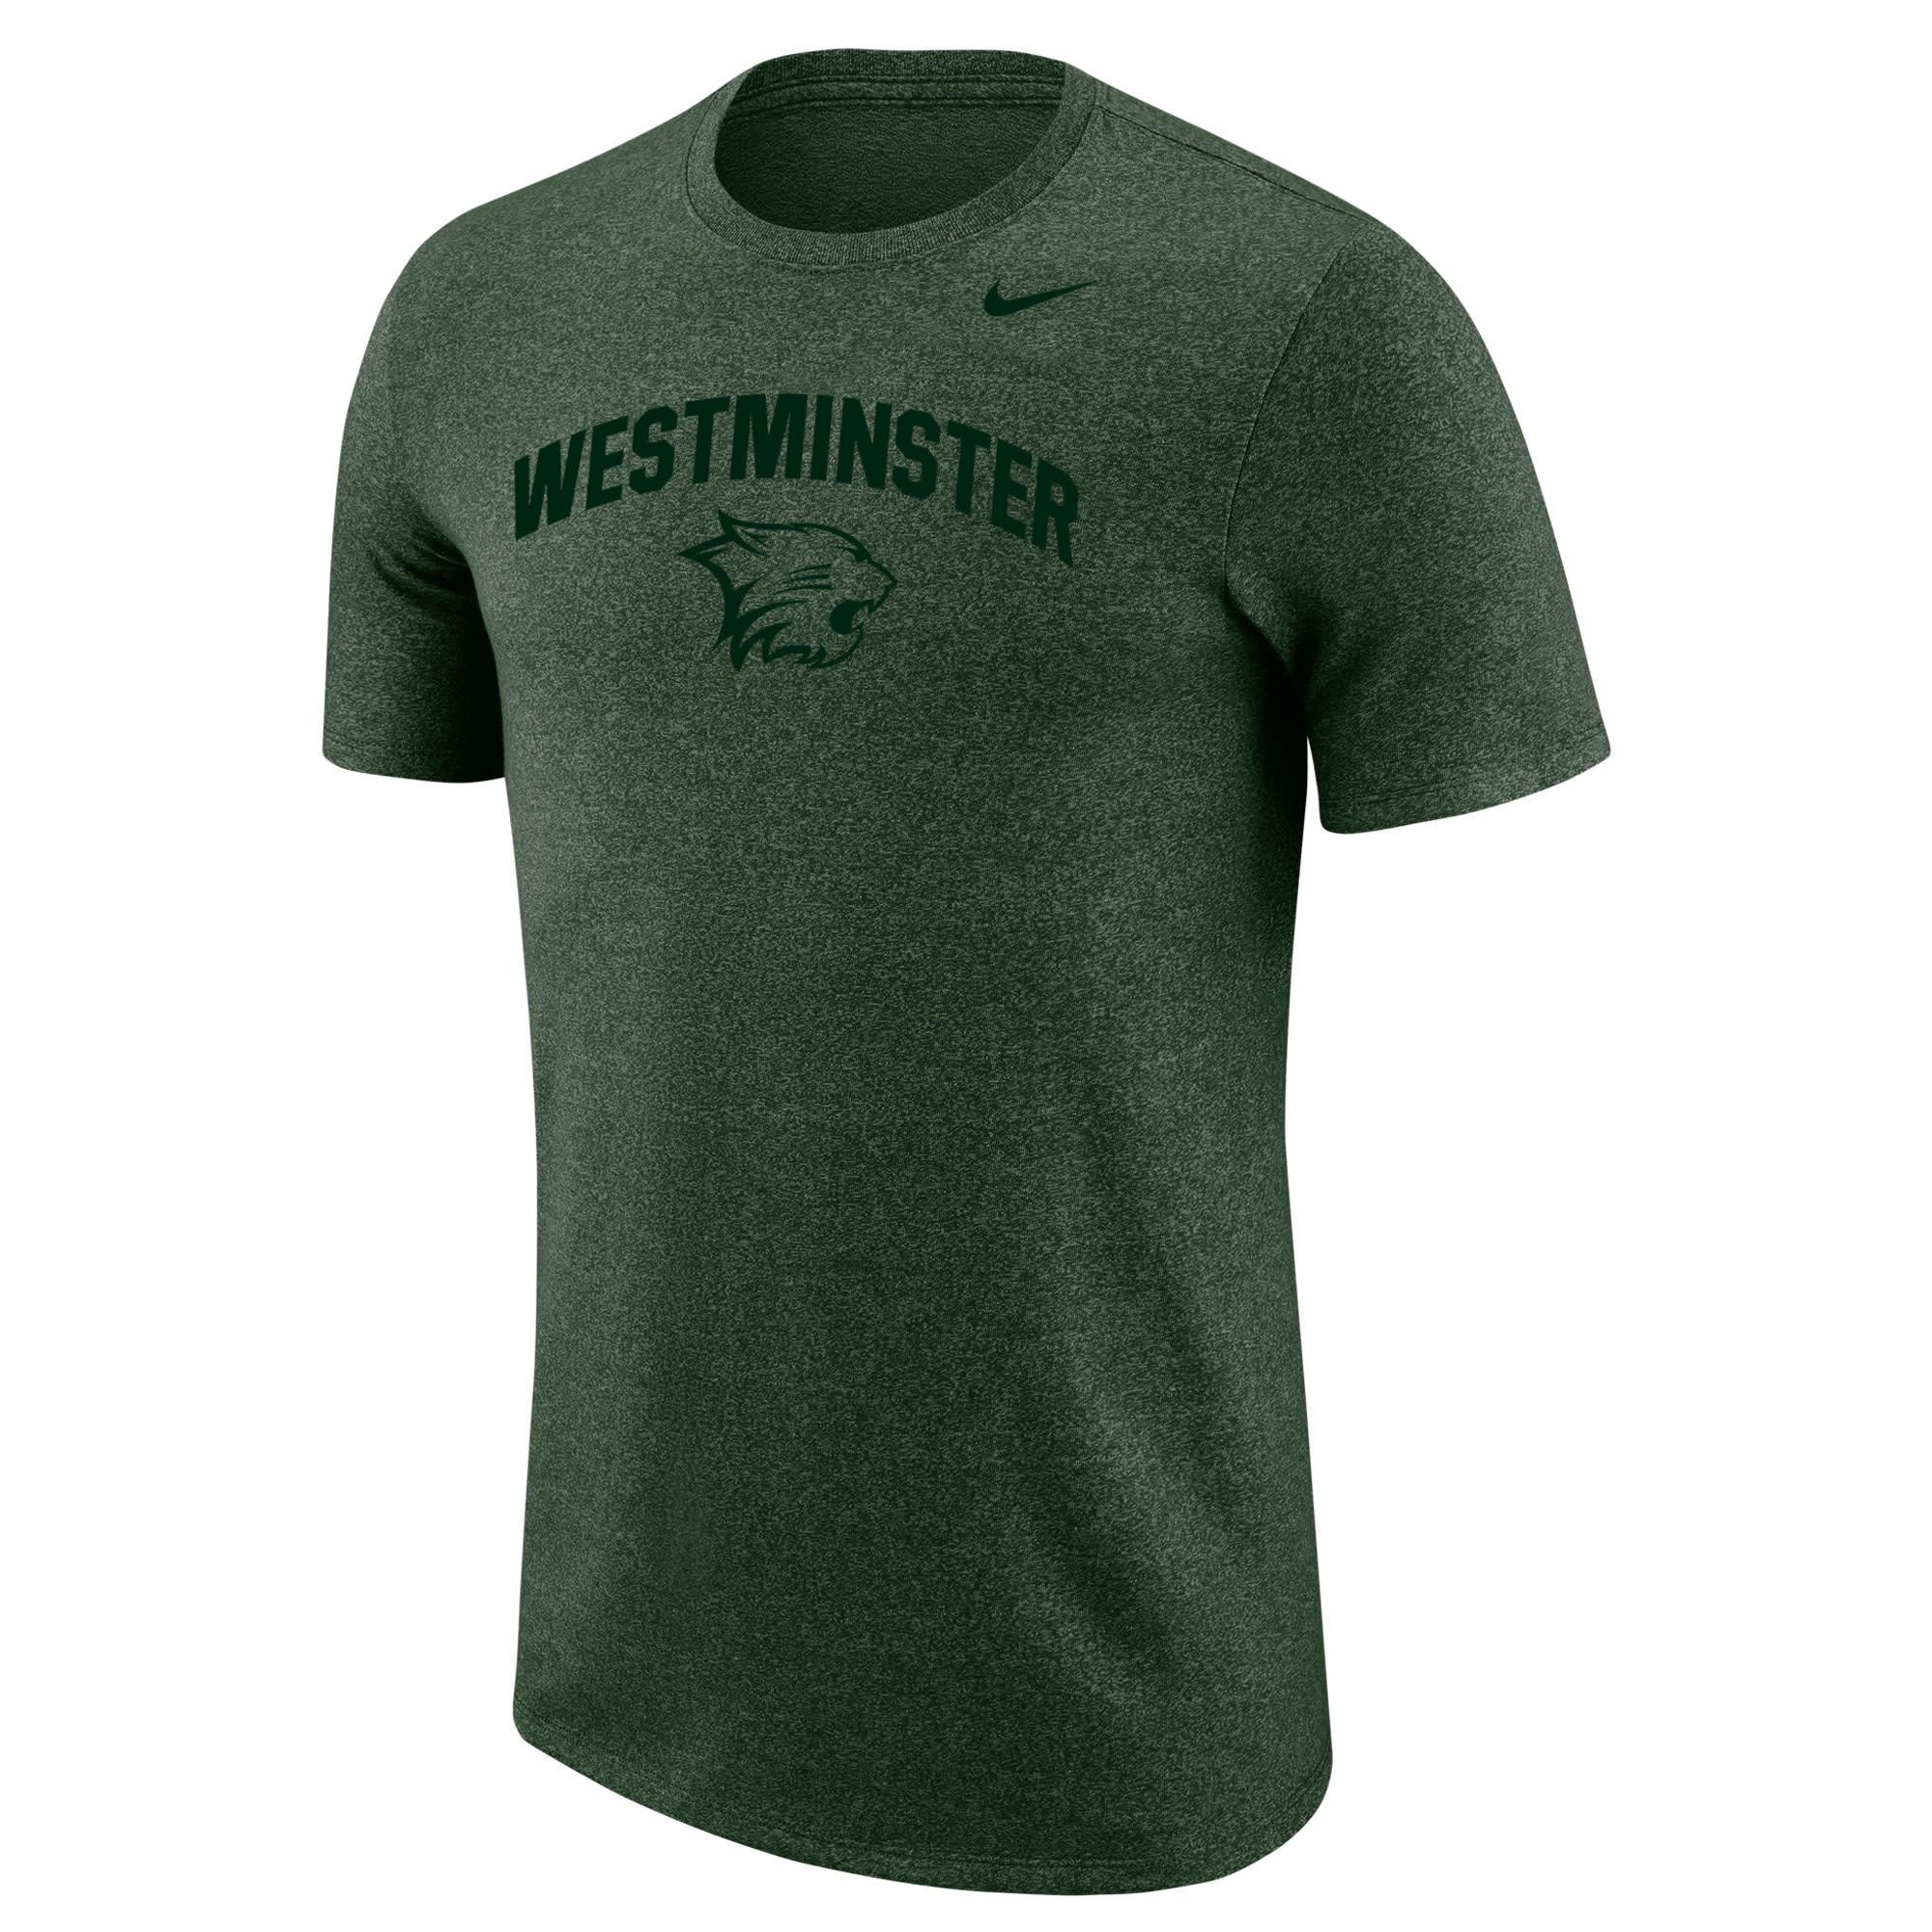 Nike T: Nike Marled SS Heathered Green Westminster w/Cathead